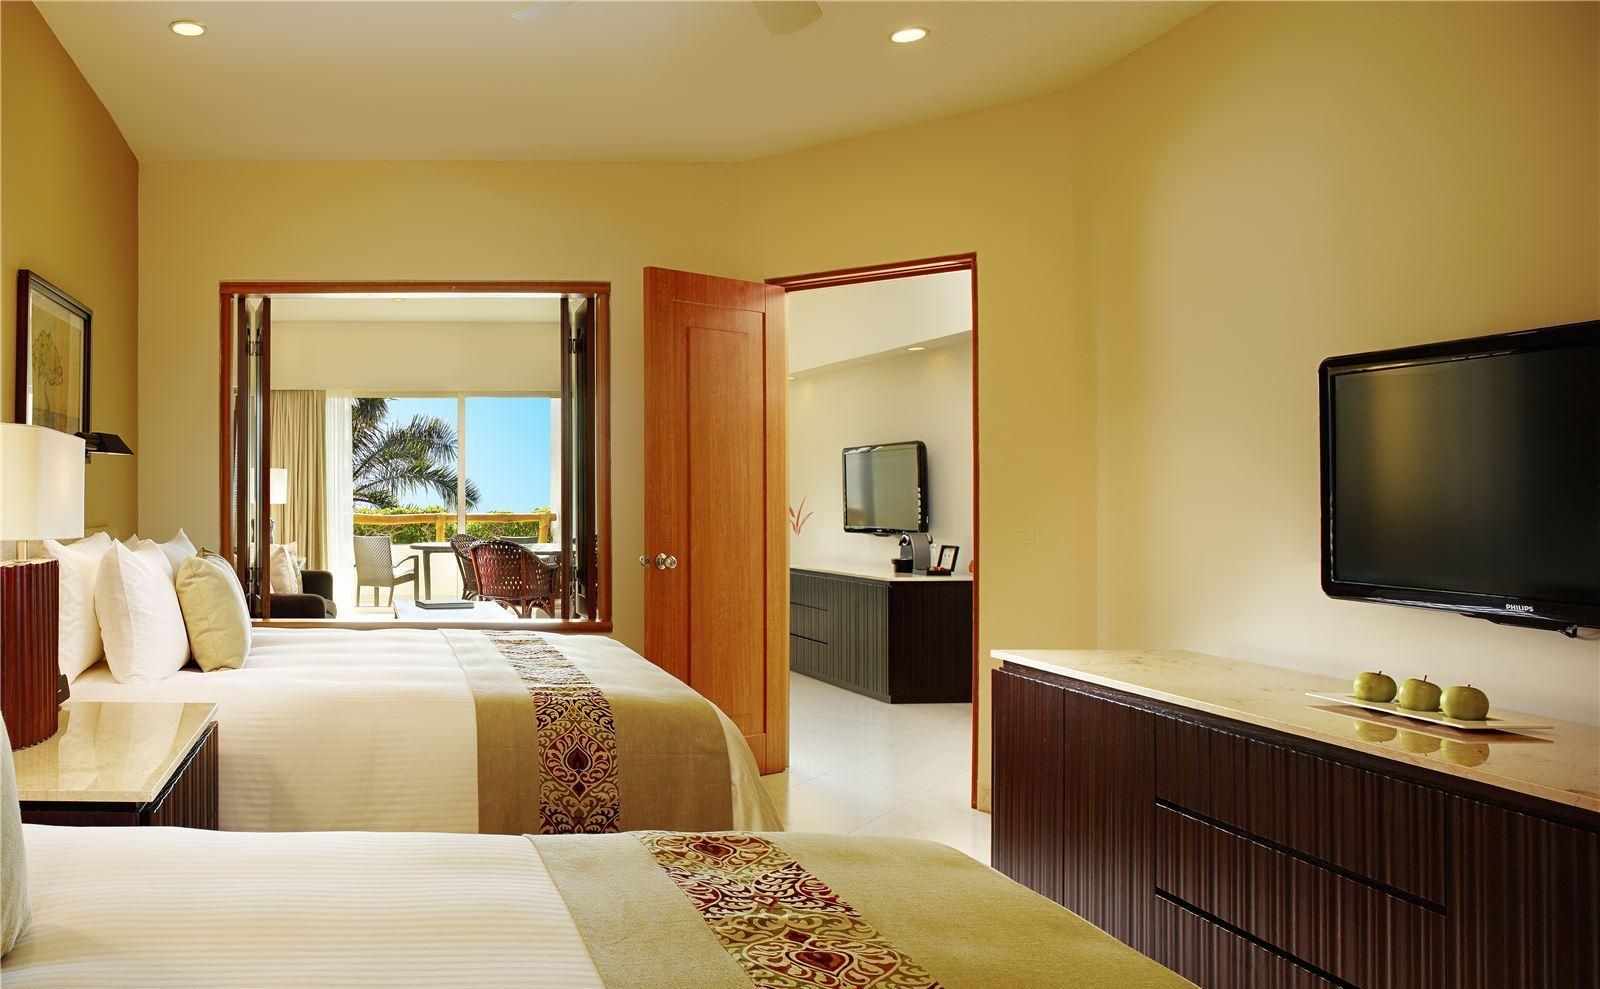 Grand Velas Riviera Nayarit (All Inclusive) image